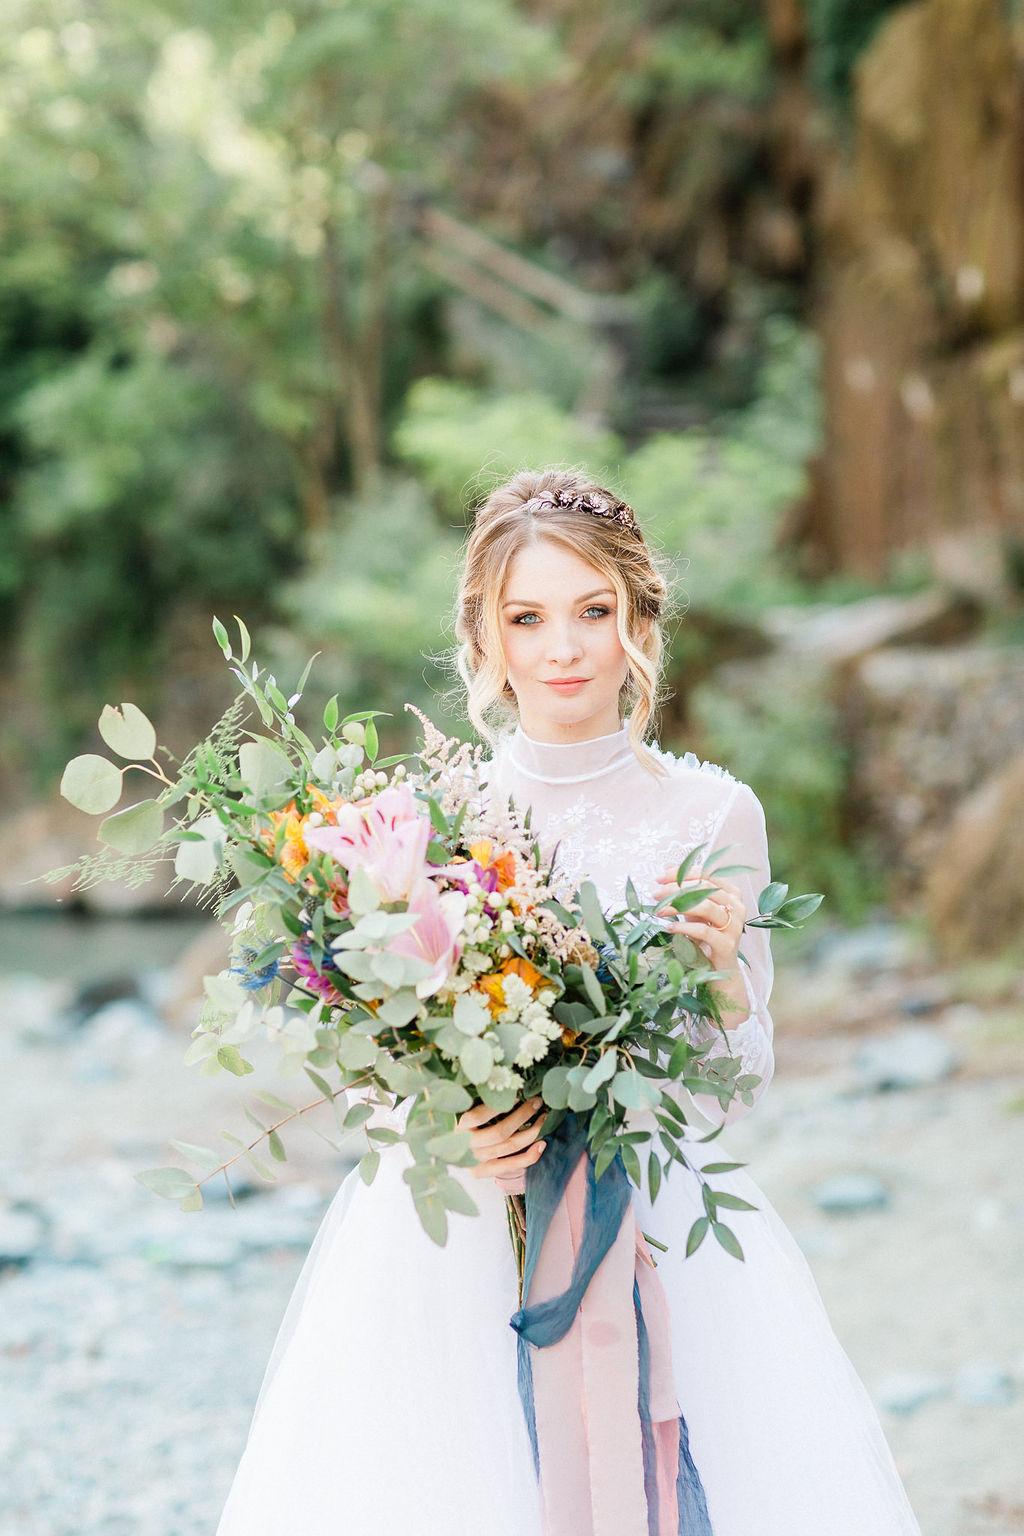 Brudbukett brudklänning bröllop blogg